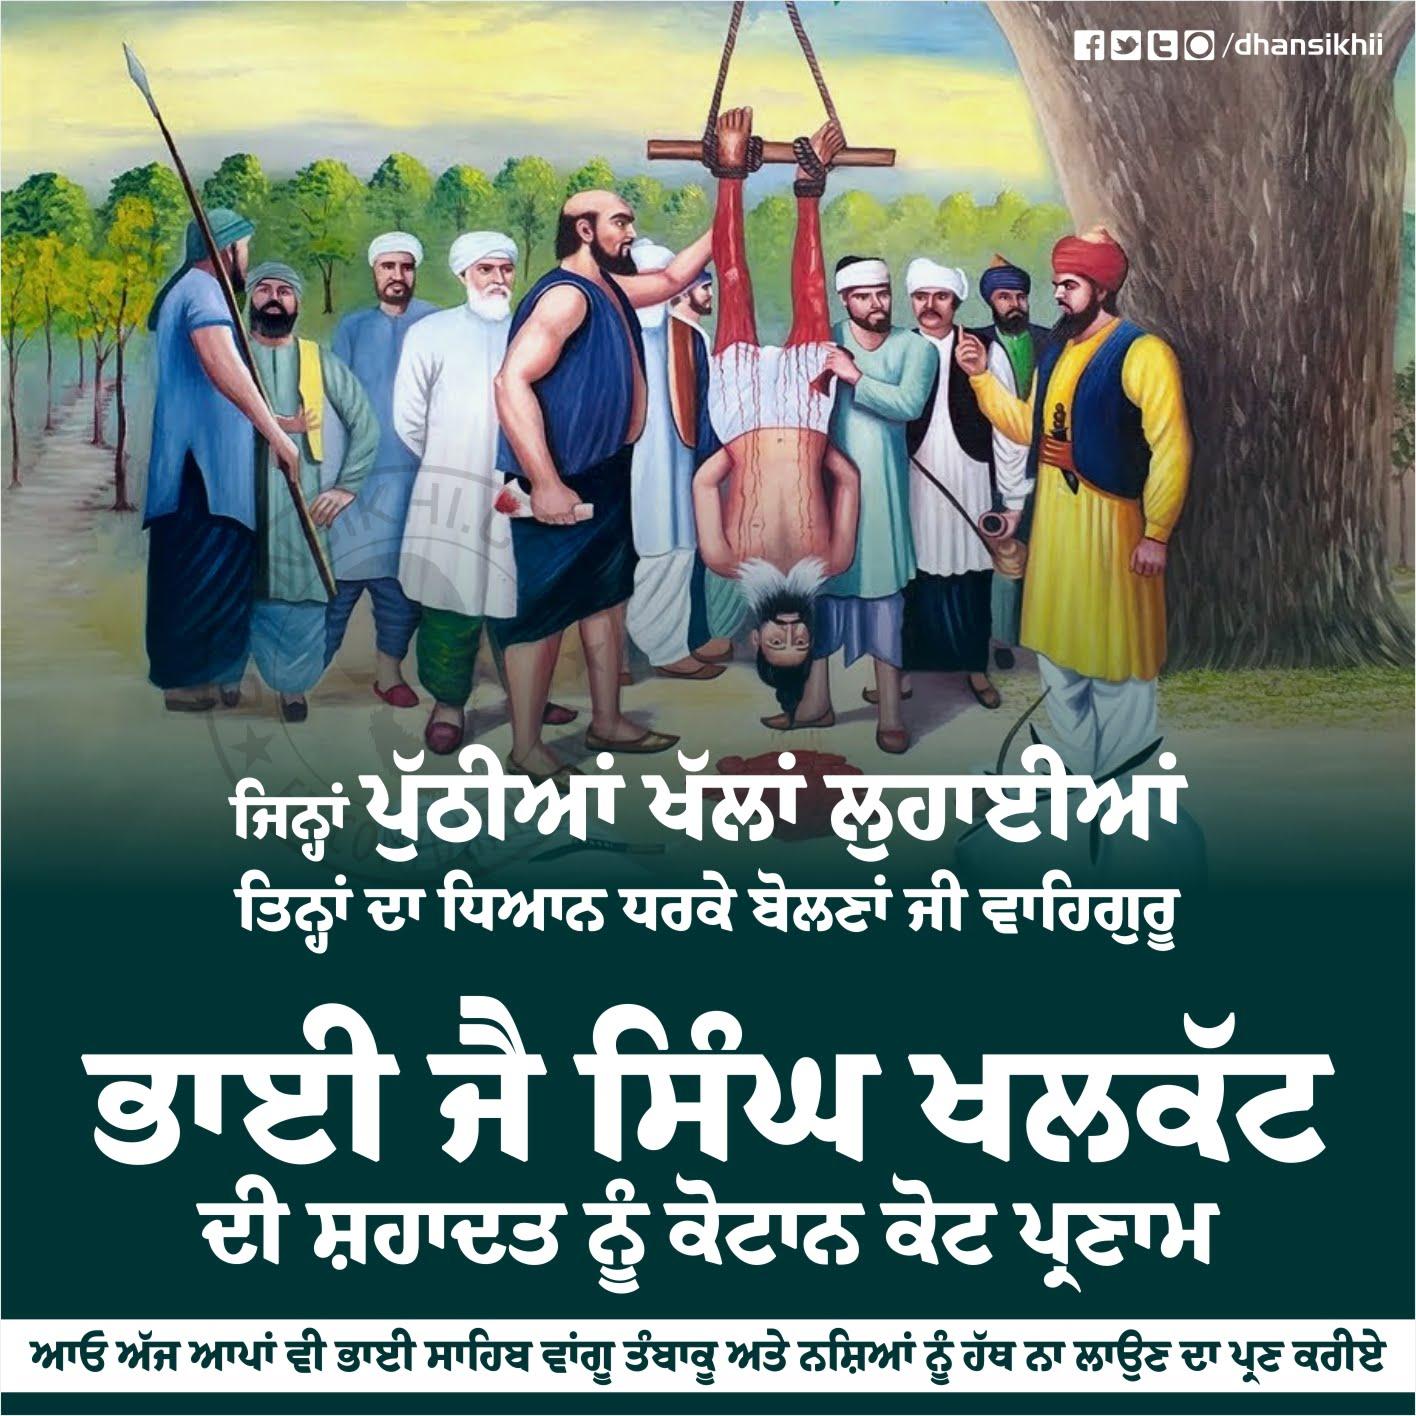 Bhai Jai Singh Khalkat Shahidi Greeting for Insta and whatsapp story